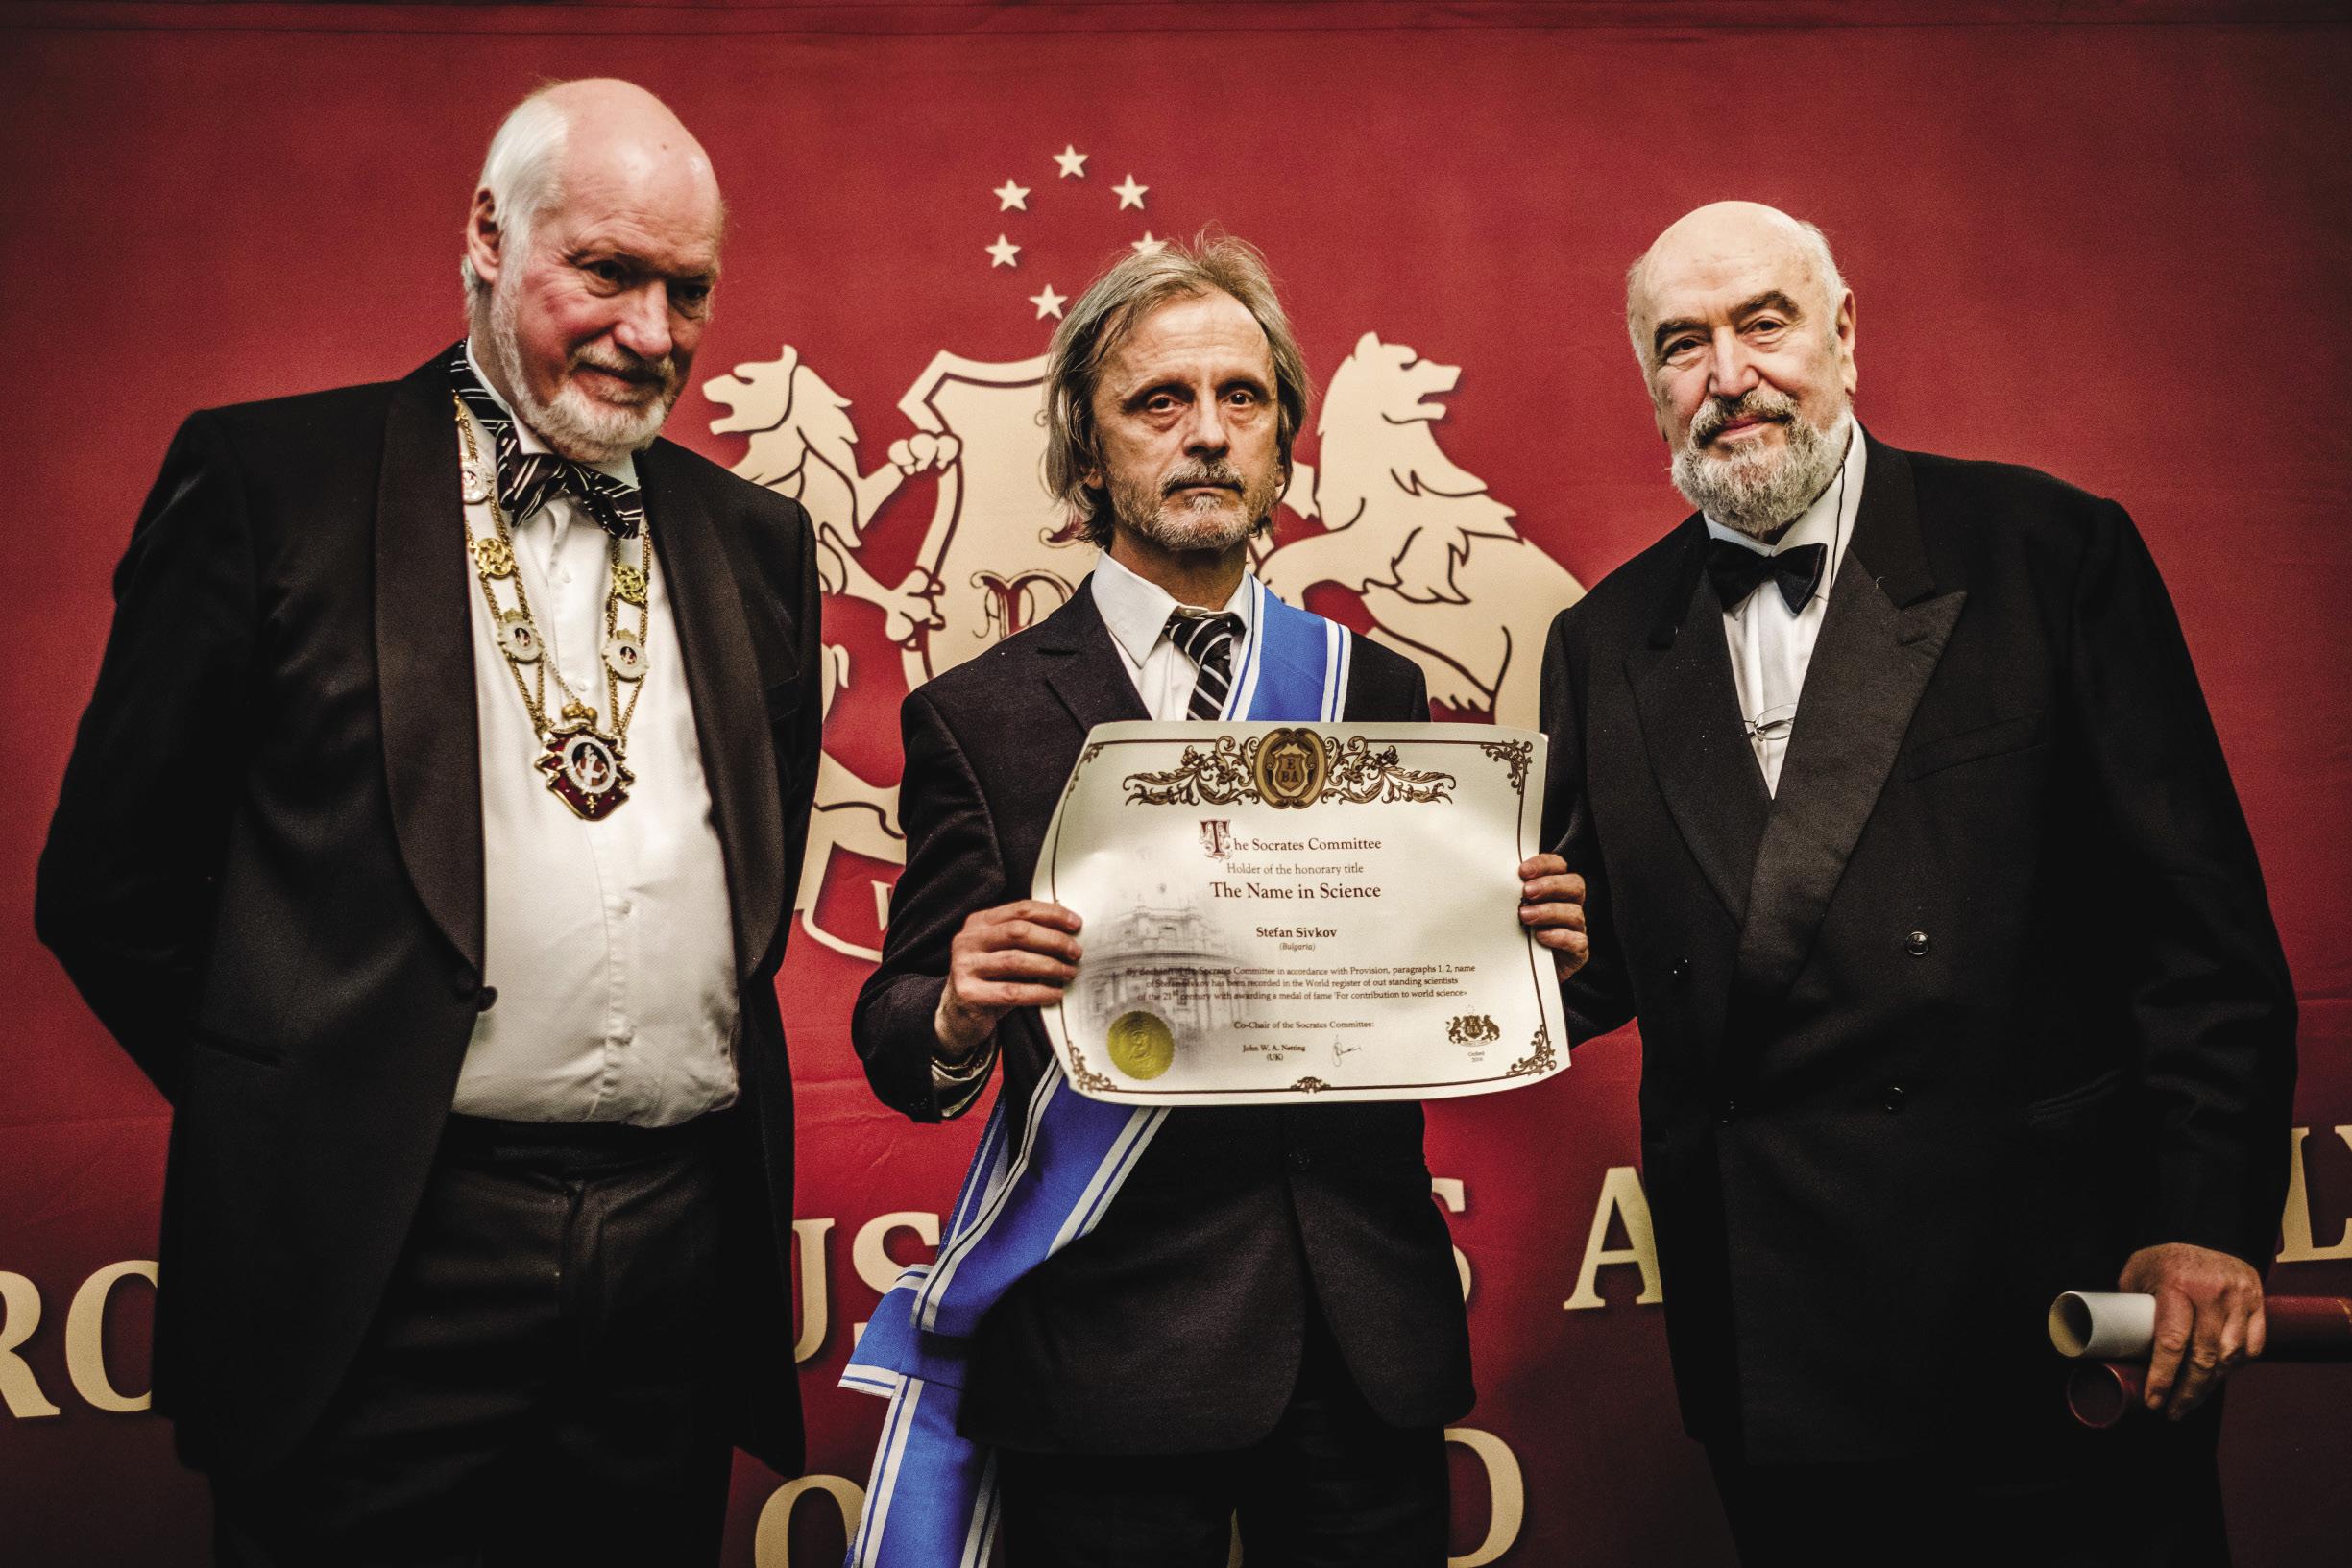 """проф. Стефан Сивков с награда """"Име в науката"""" на Европейската бизнес асамблея"""